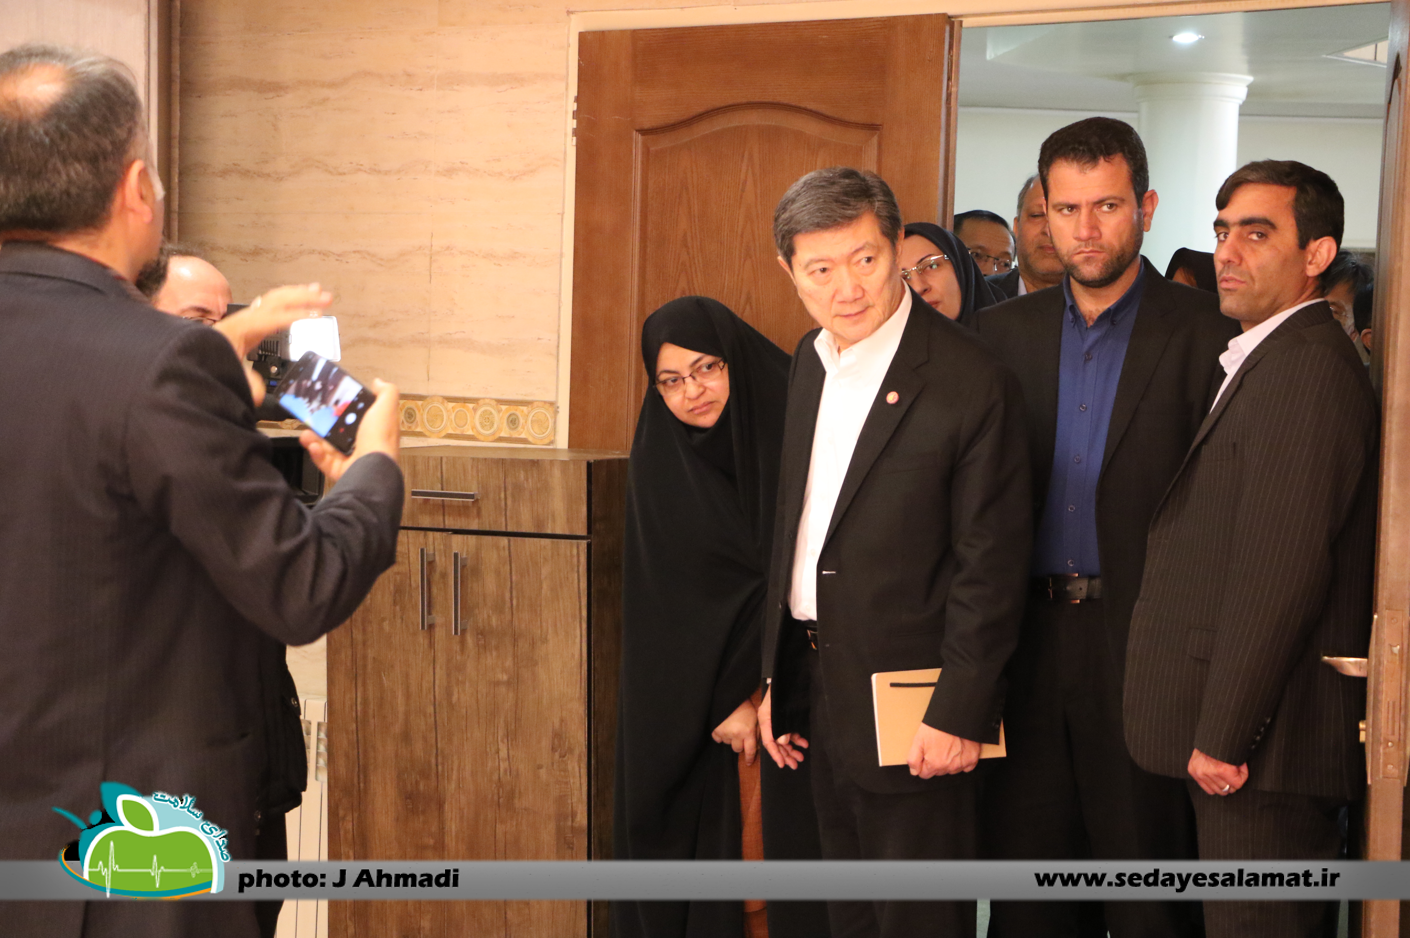 سفر وزیر بهداشت تایلند به اصفهان (26)